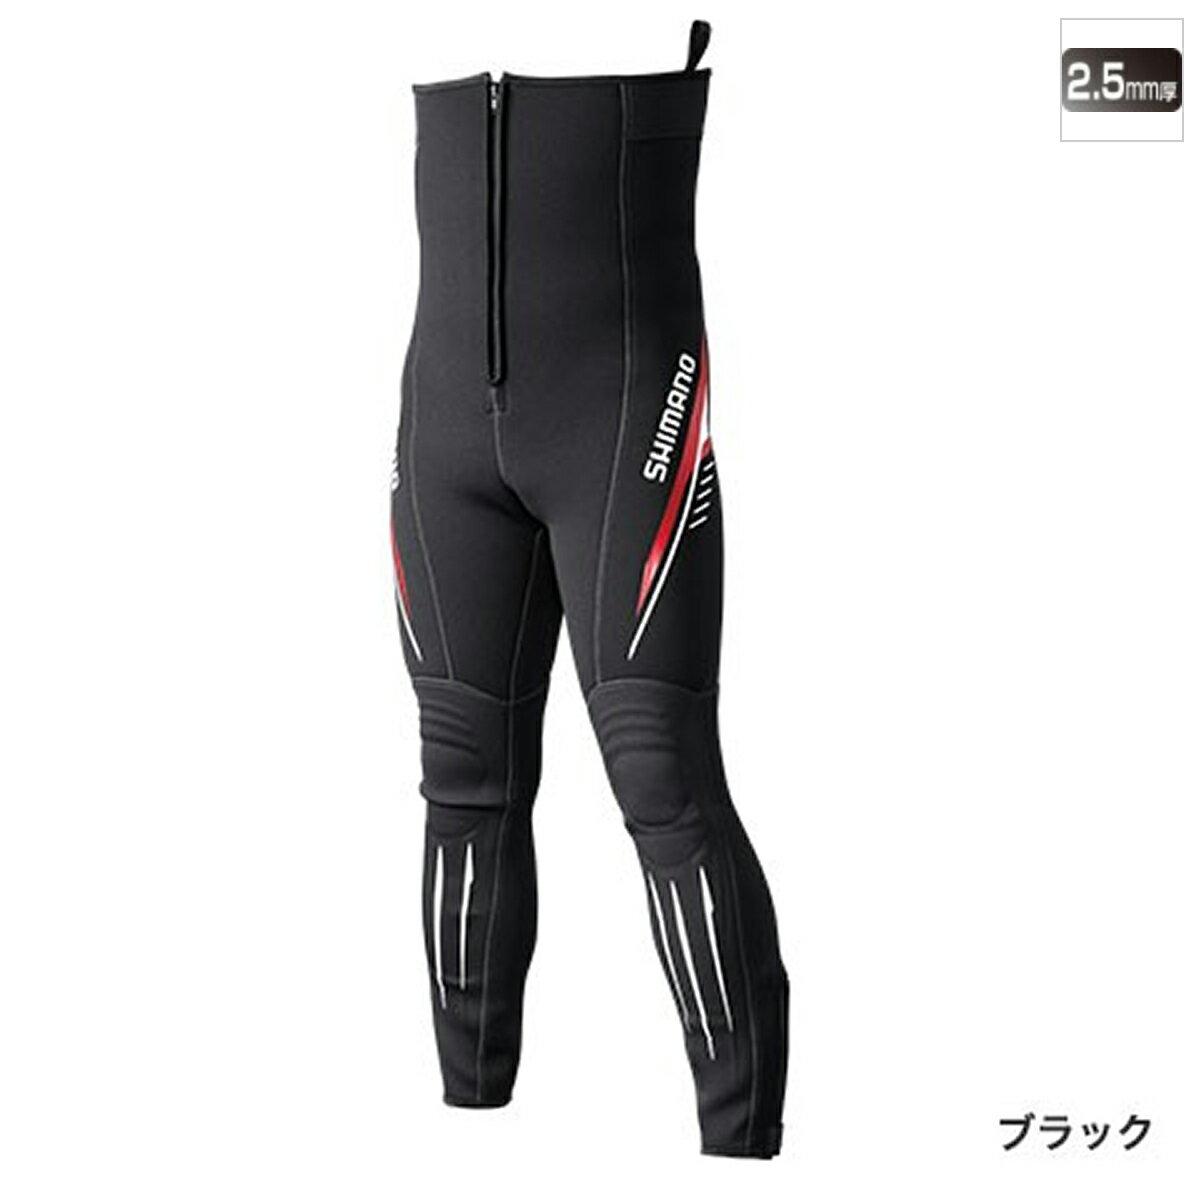 シマノ 鮎タイツT-2.5 TI-071Q LLA ブラック【送料無料】